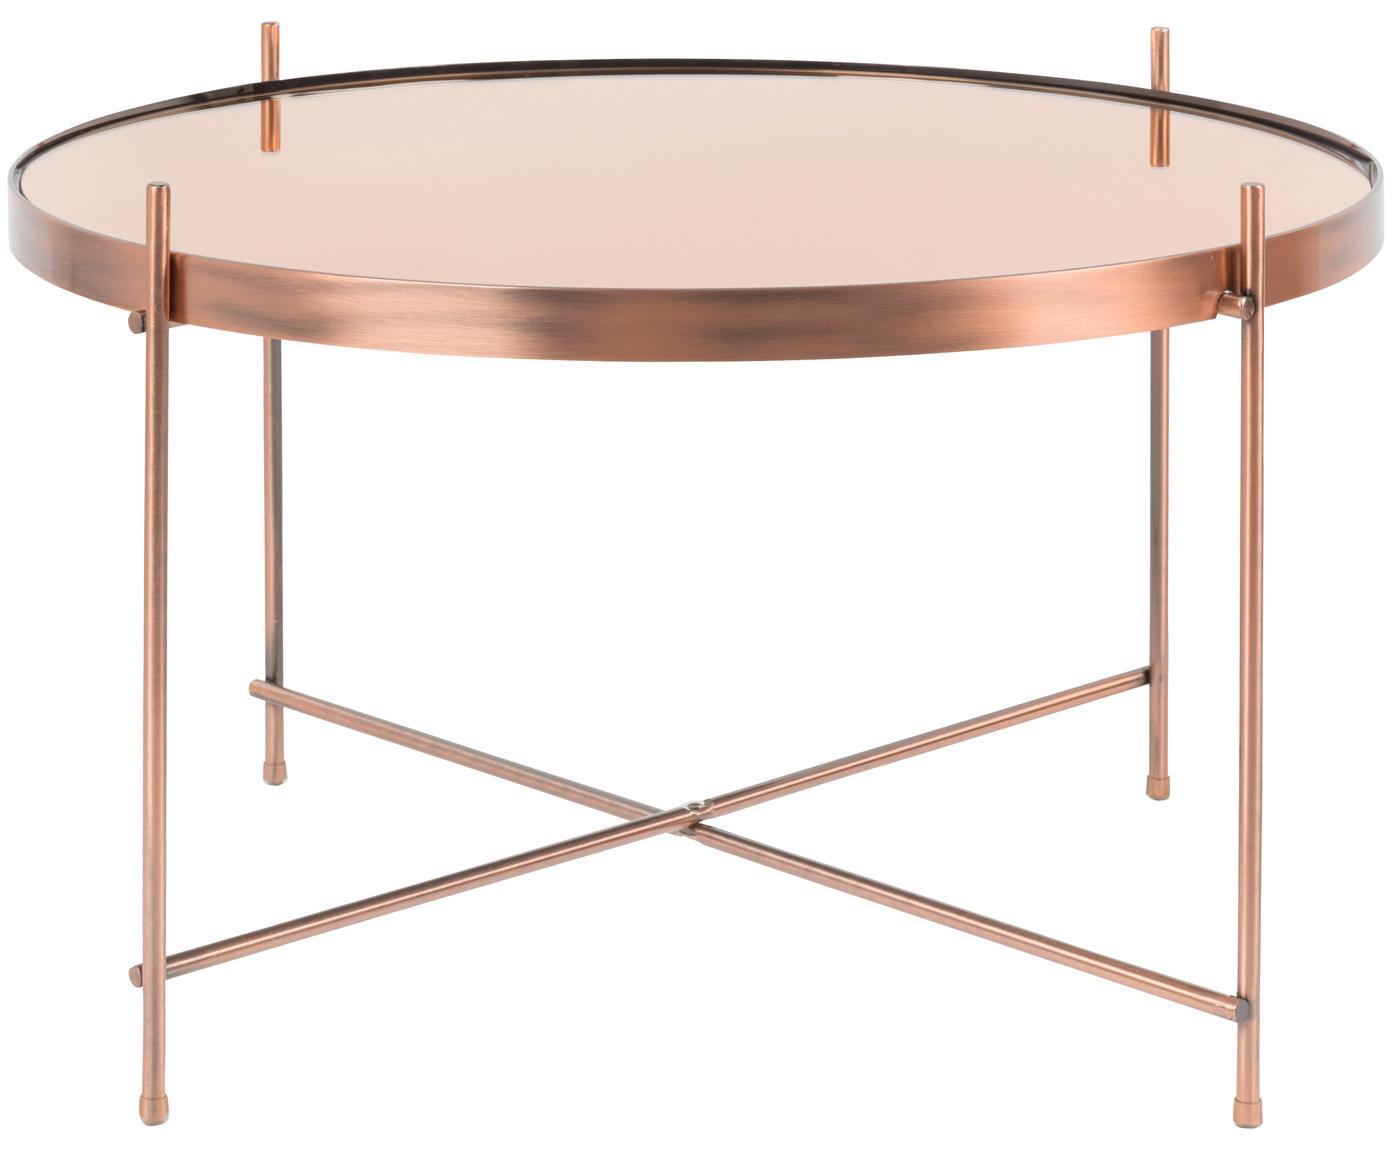 Kleine salontafel Cupid met glazen tafelblad, Frame: verkoperd metaal., Tafelblad: spiegelglas, Koperkleurig, Ø 63 x H 40 cm